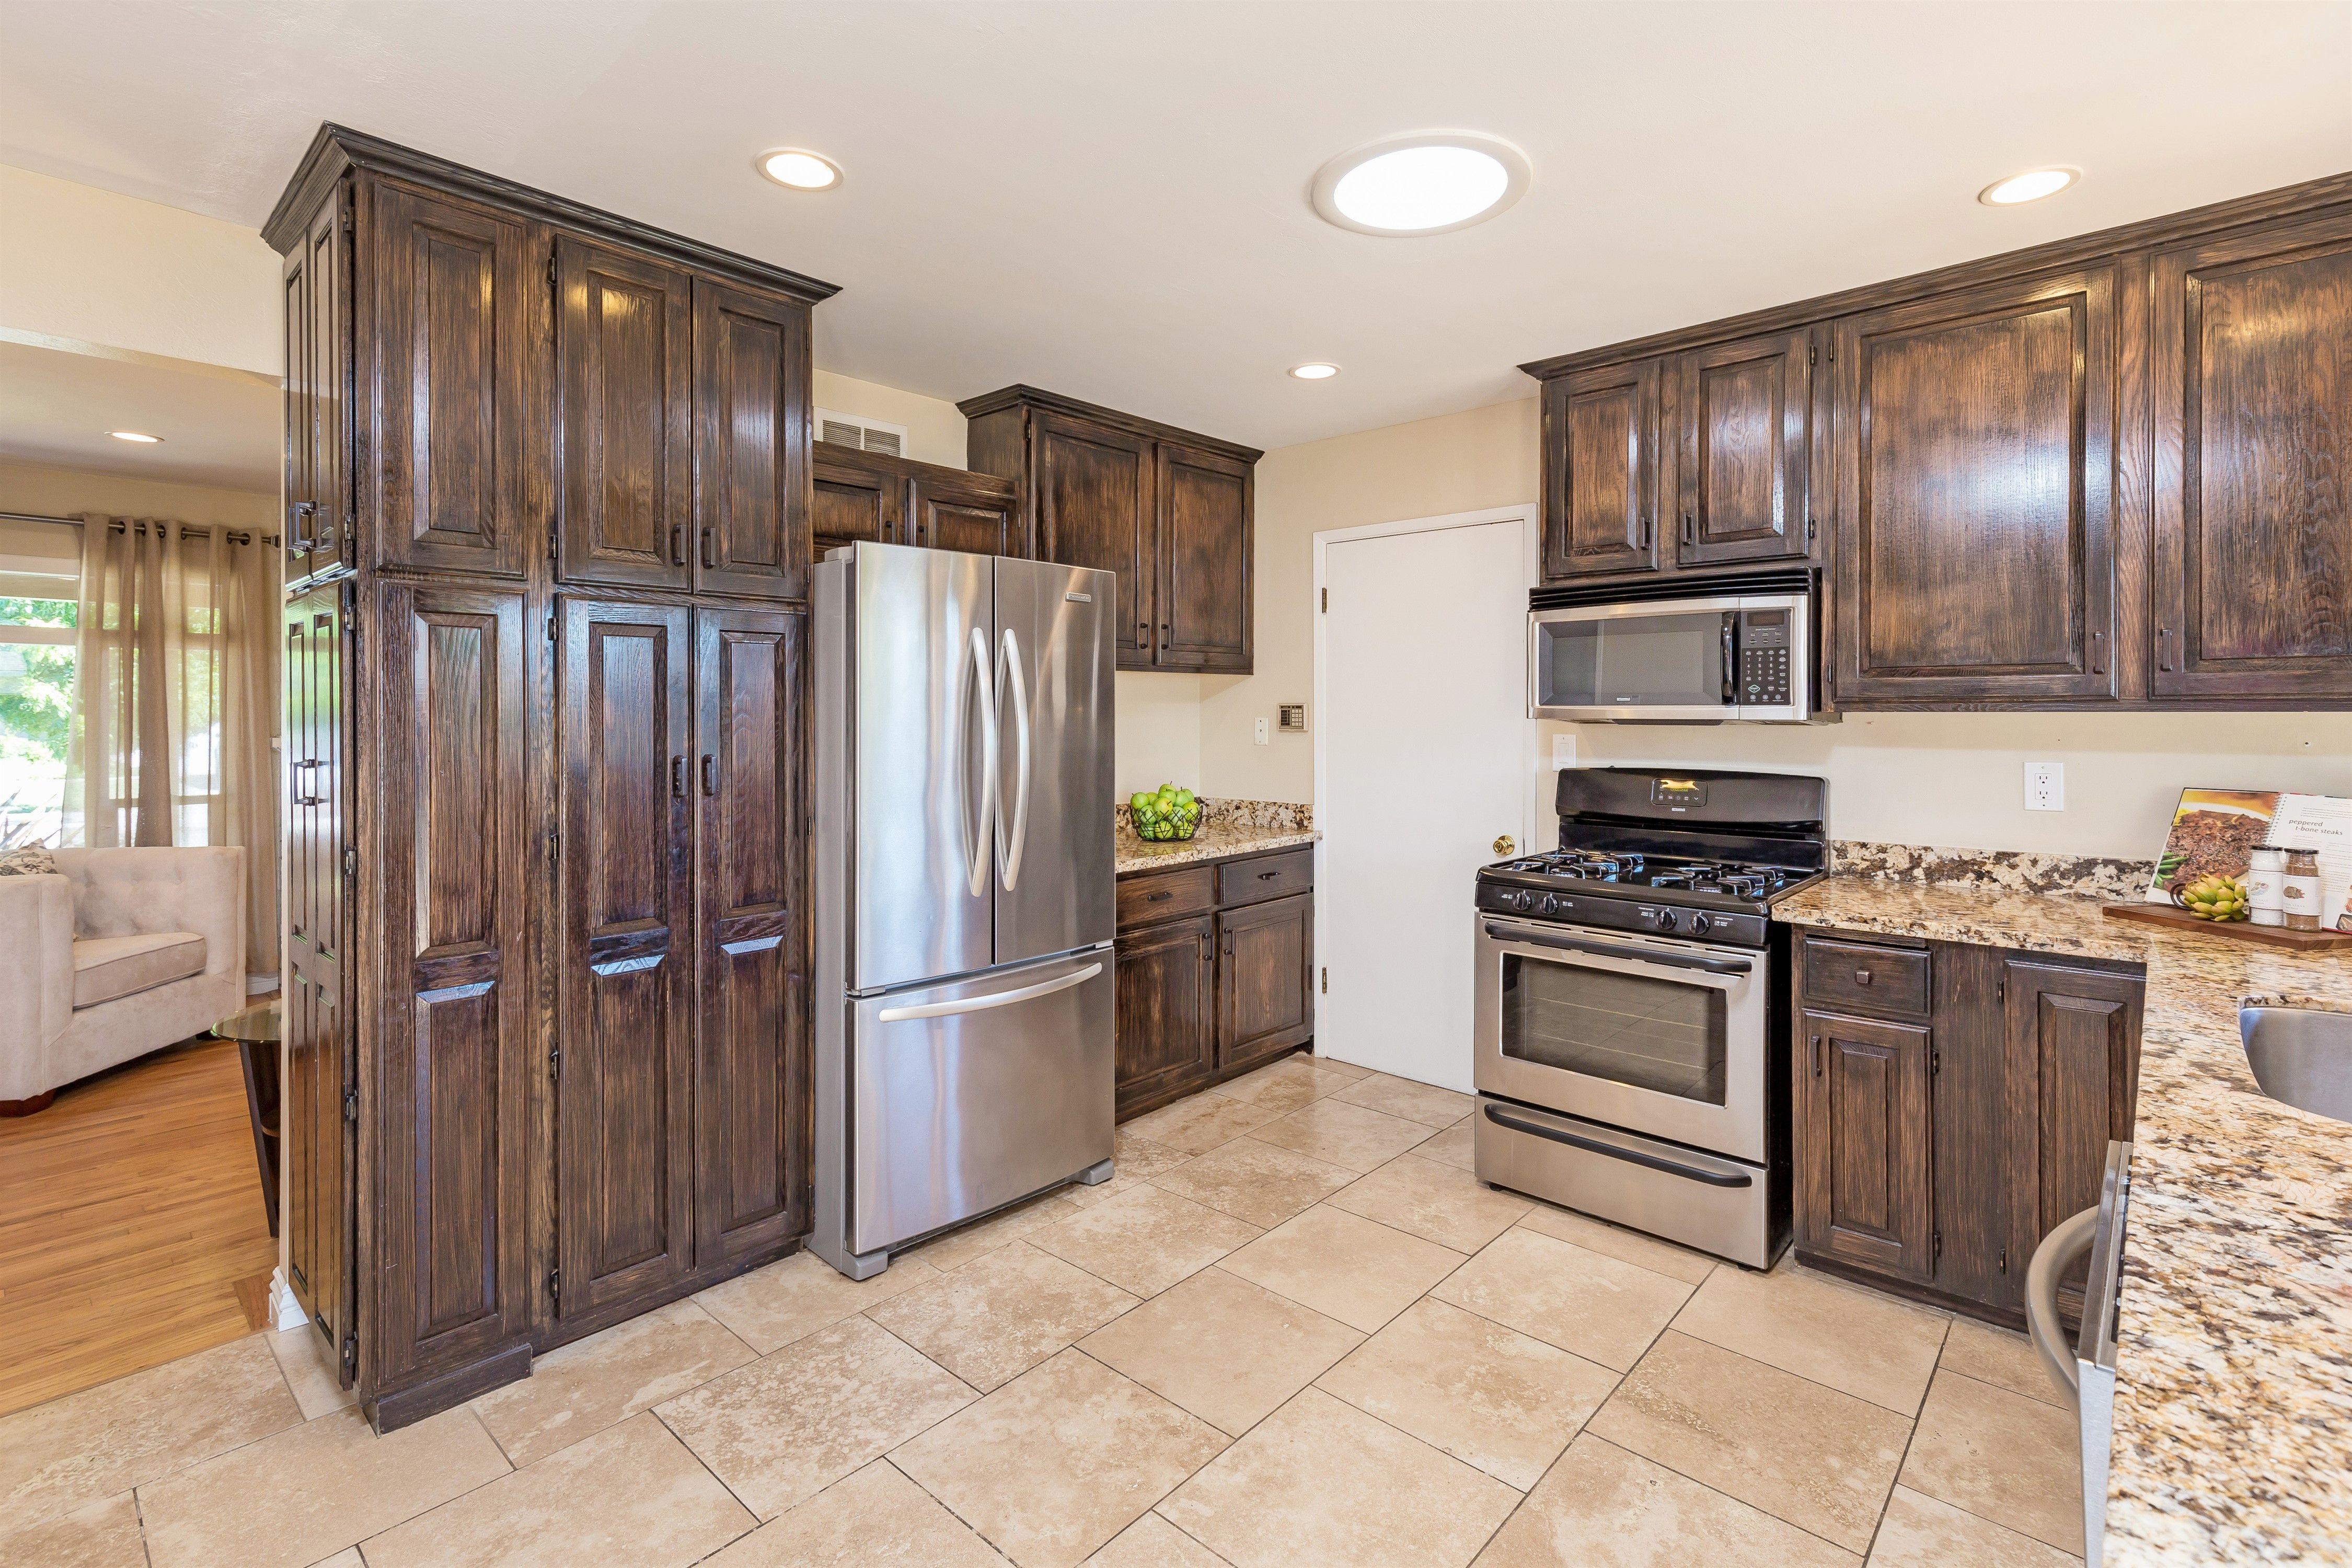 Kitchen | Kitchen, Kitchen cabinets, Home decor